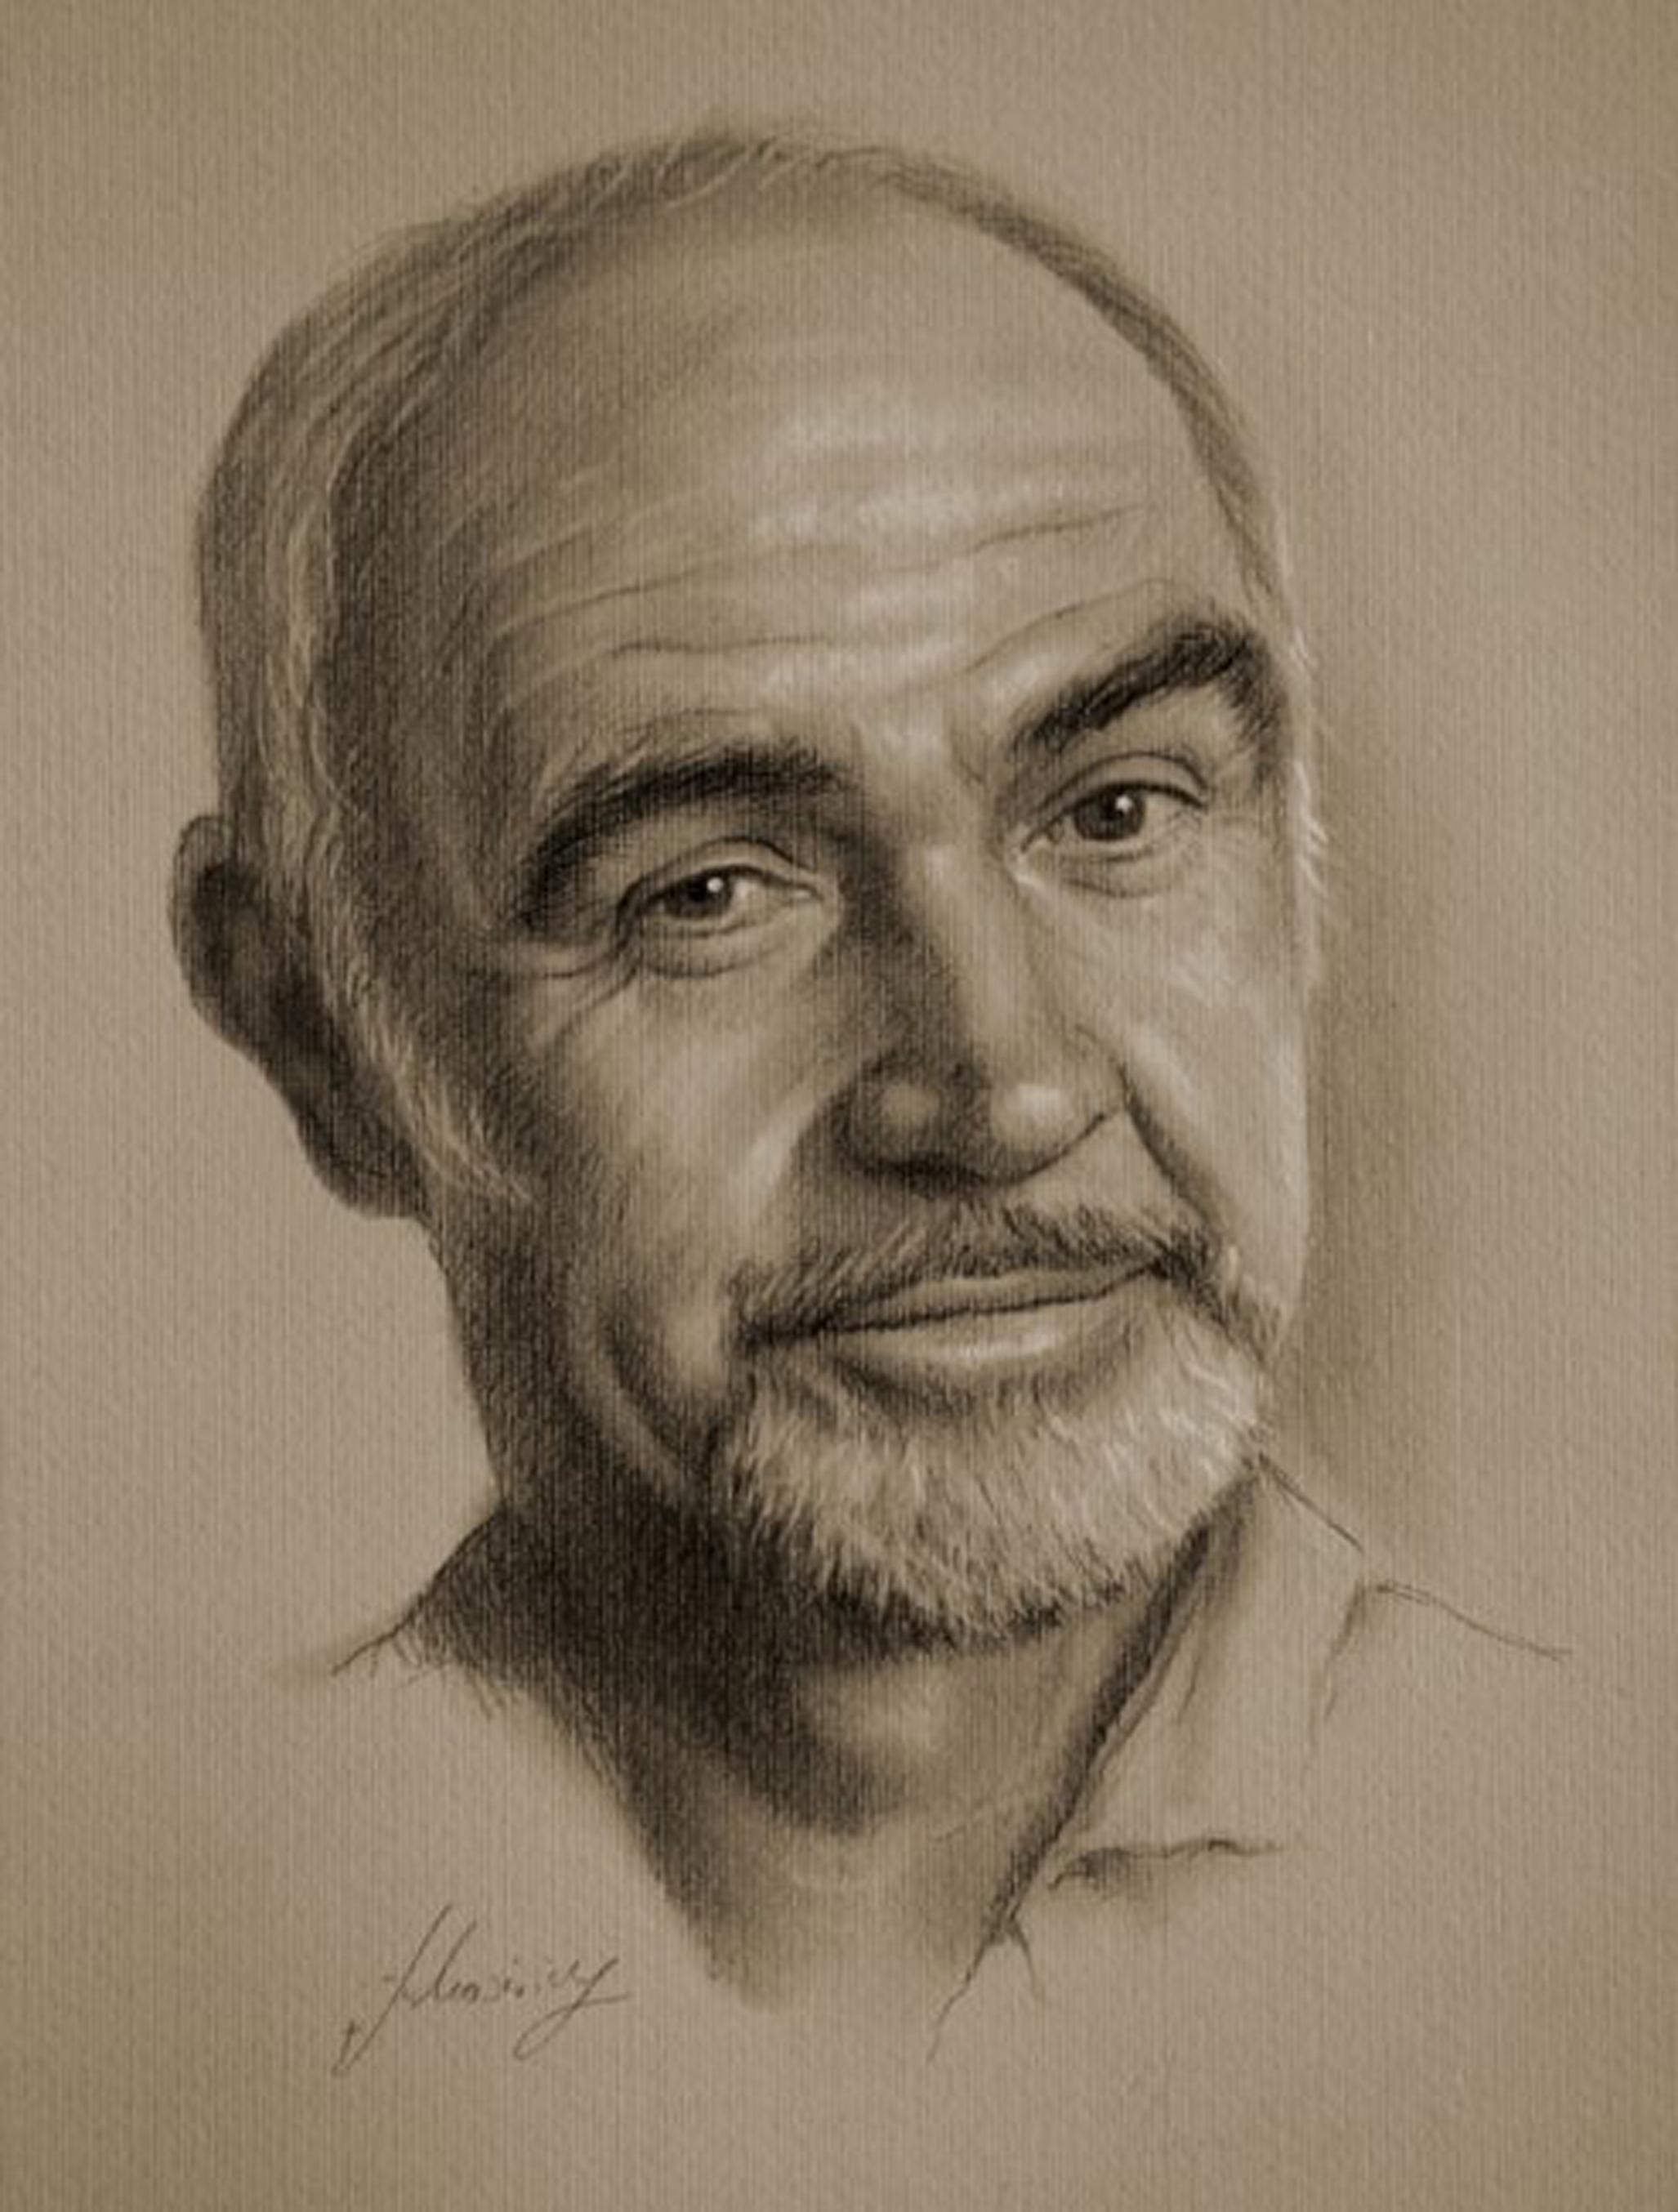 35幅好莱坞明星写实素描肖像